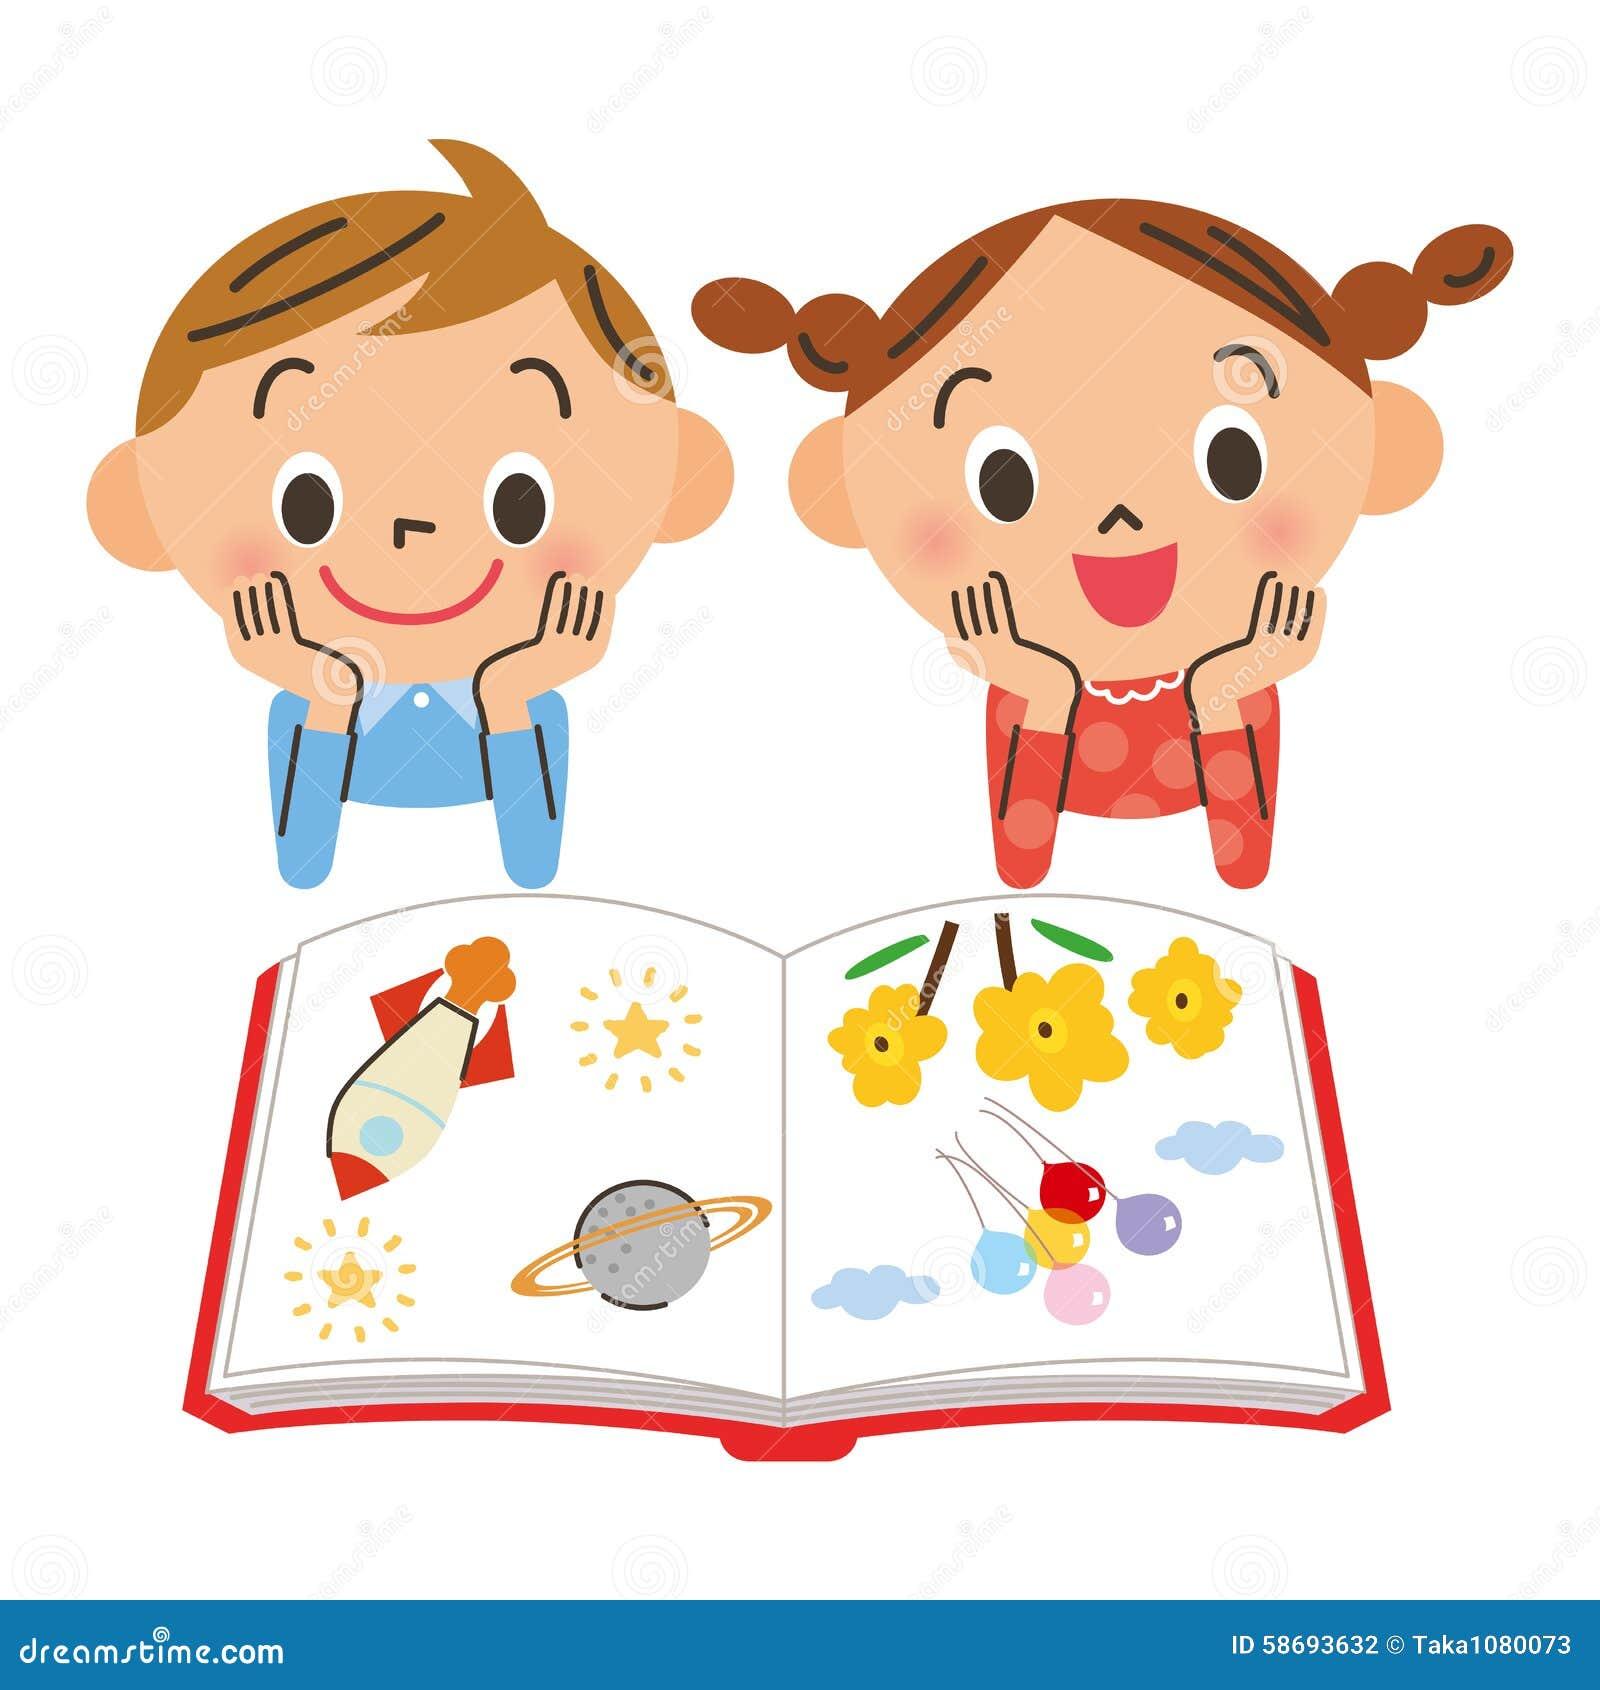 bambino che legge un libro illustrazione vettoriale illustrazione di sorriso 58693632. Black Bedroom Furniture Sets. Home Design Ideas